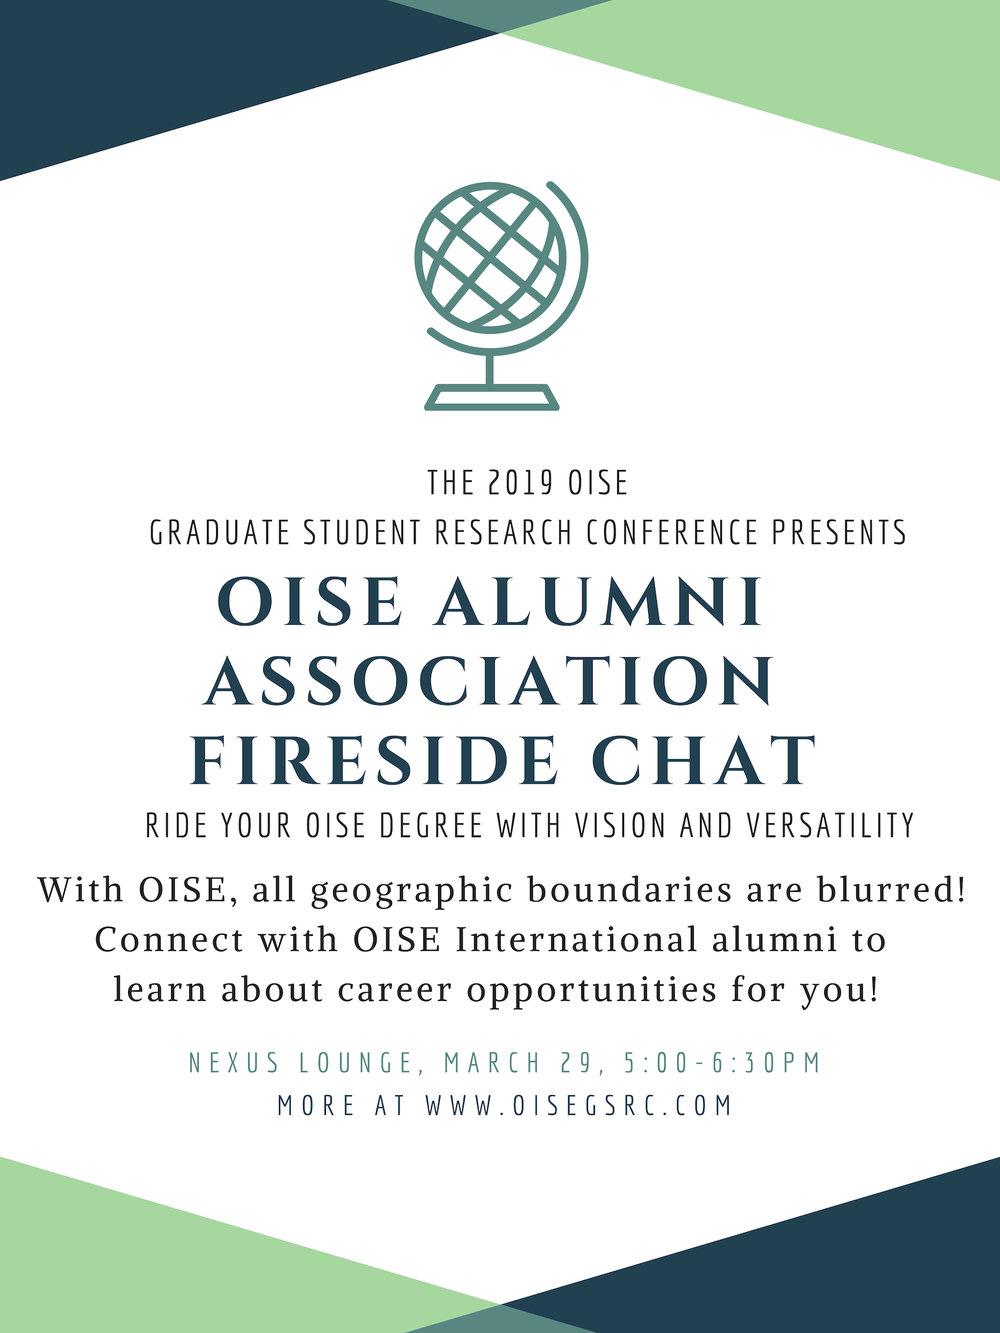 OISE AA Fireside Chat (2019 GSCR) - JPG.jpg